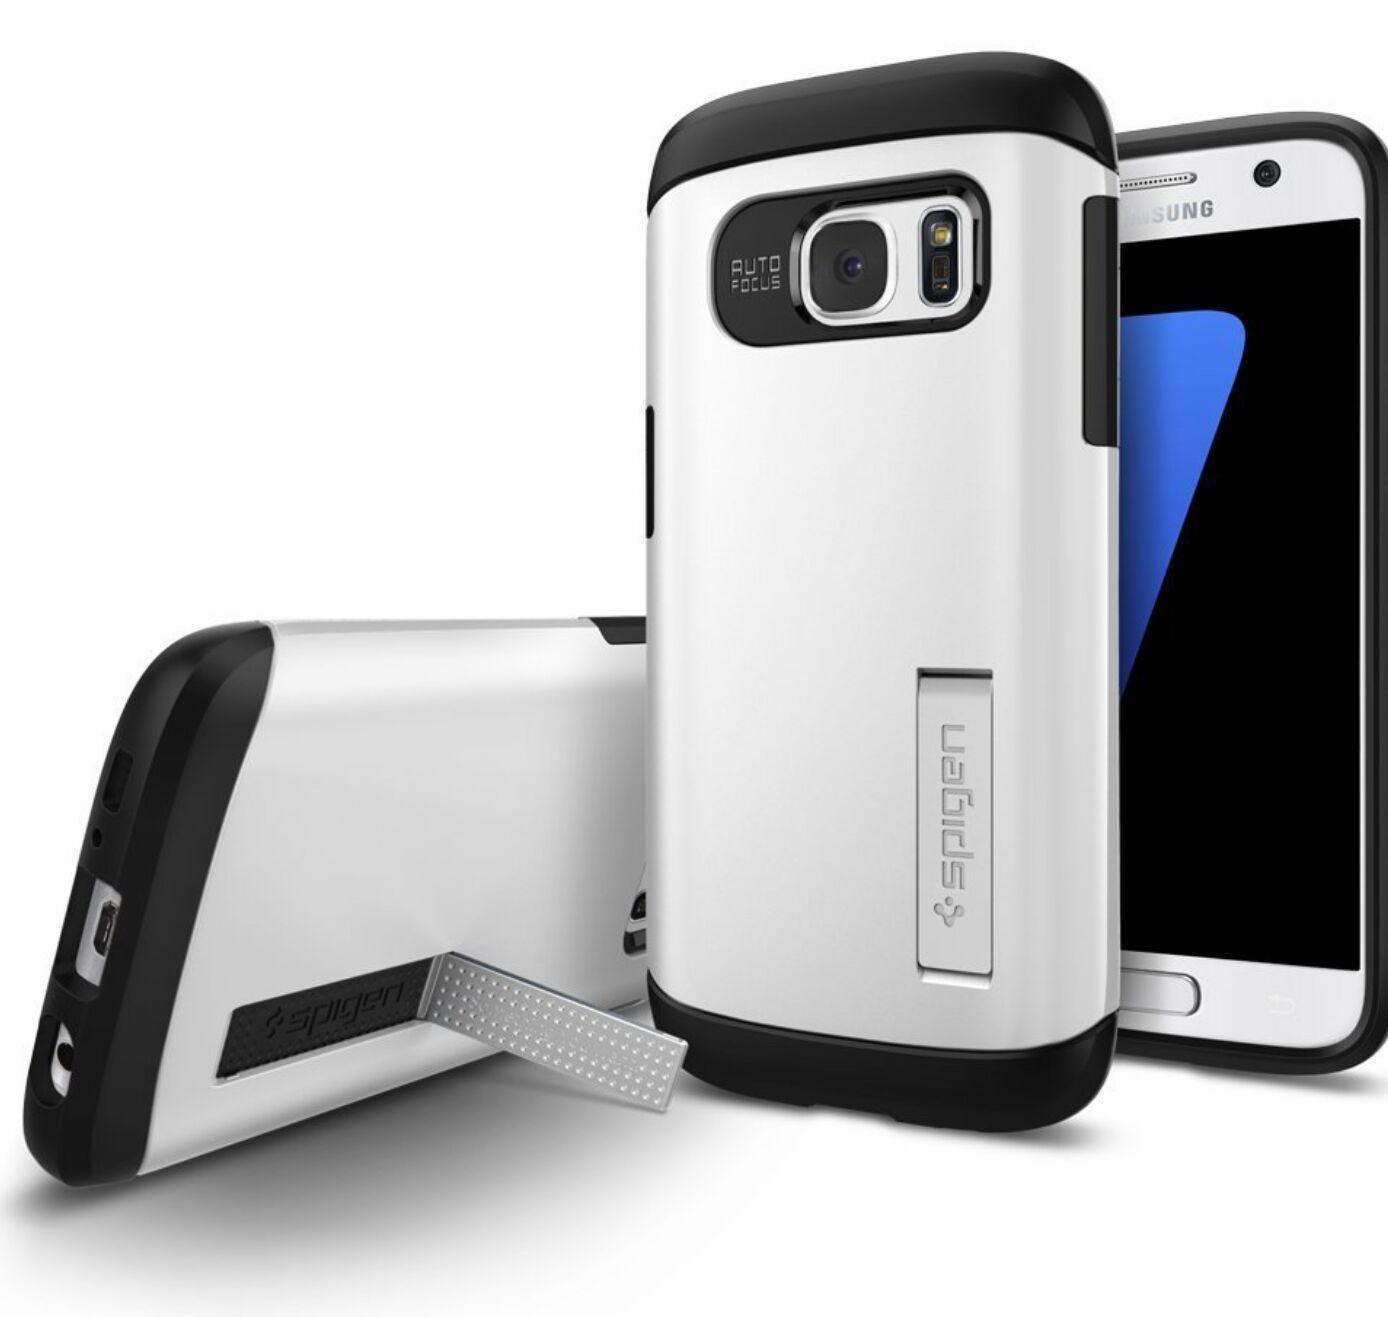 50% de réduction sur les coques Spigen pour smartphone Samsung Galaxy S7 / S7 edge